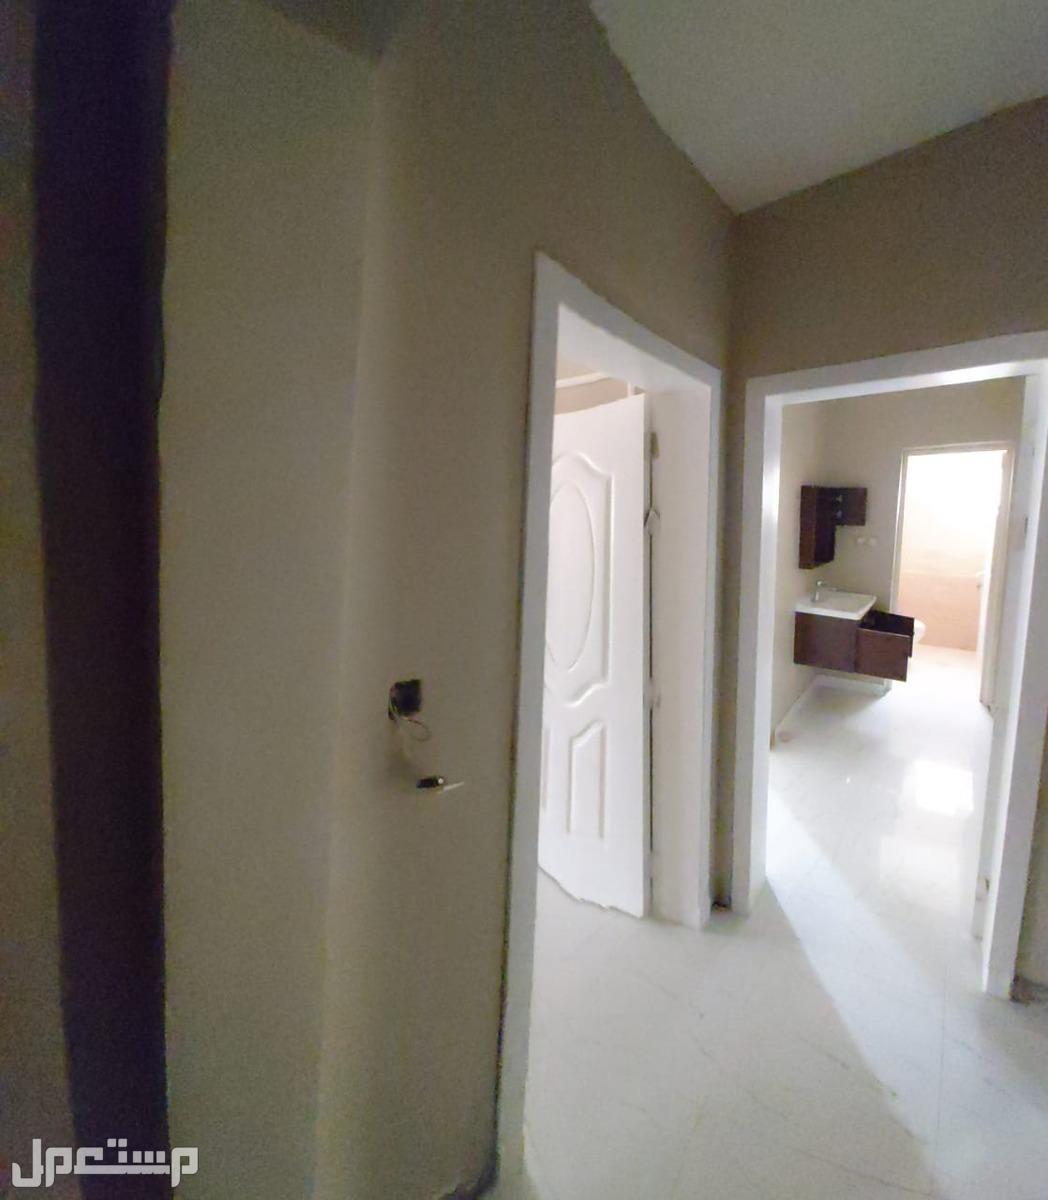 شقة 5 غرف للبيع كاش او على البنك حى الفردوس